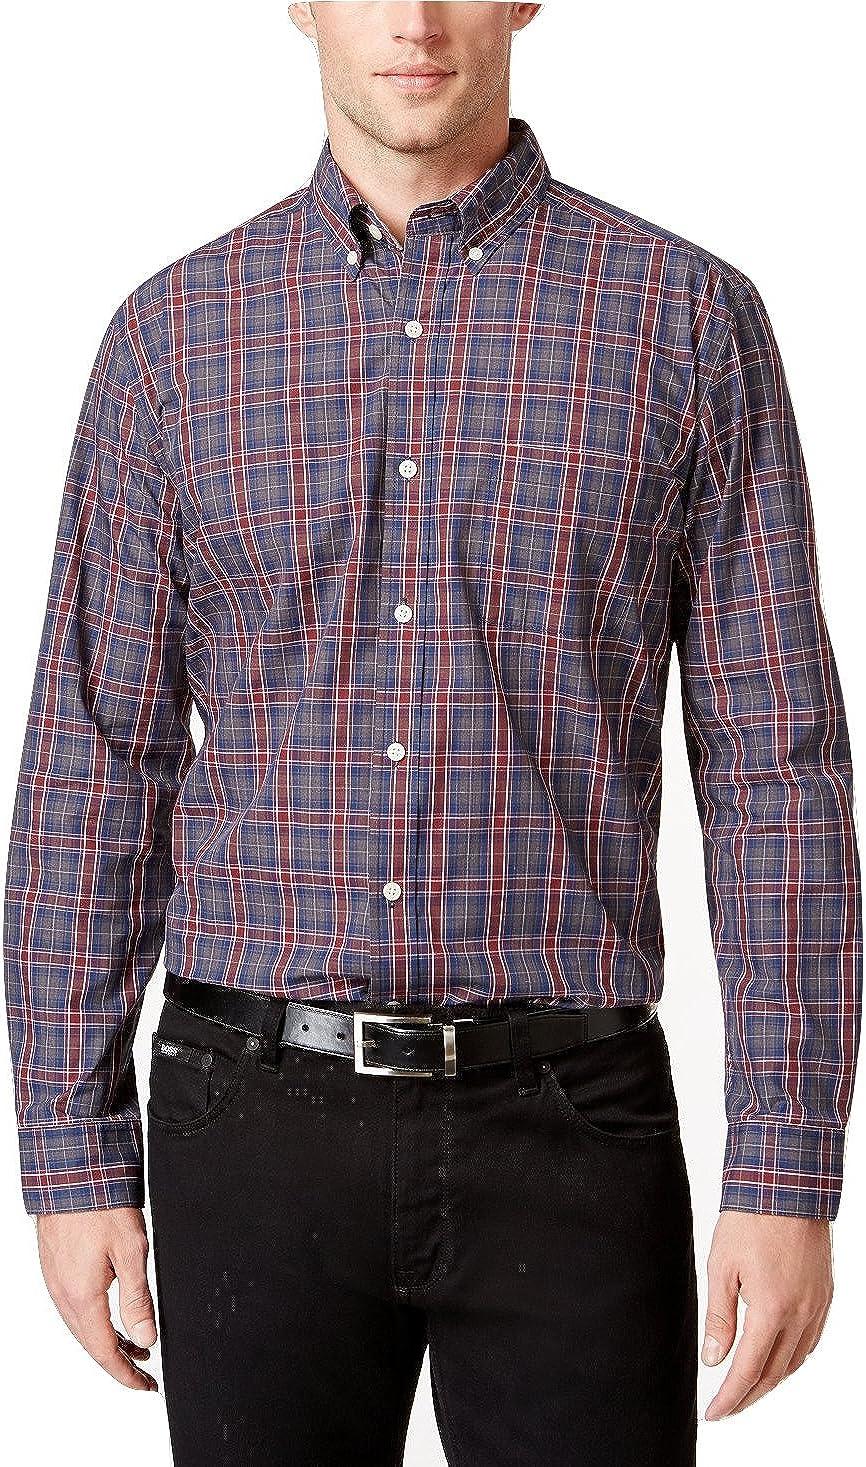 Tricots St. Raphael Mens Plaid Button Up Shirt